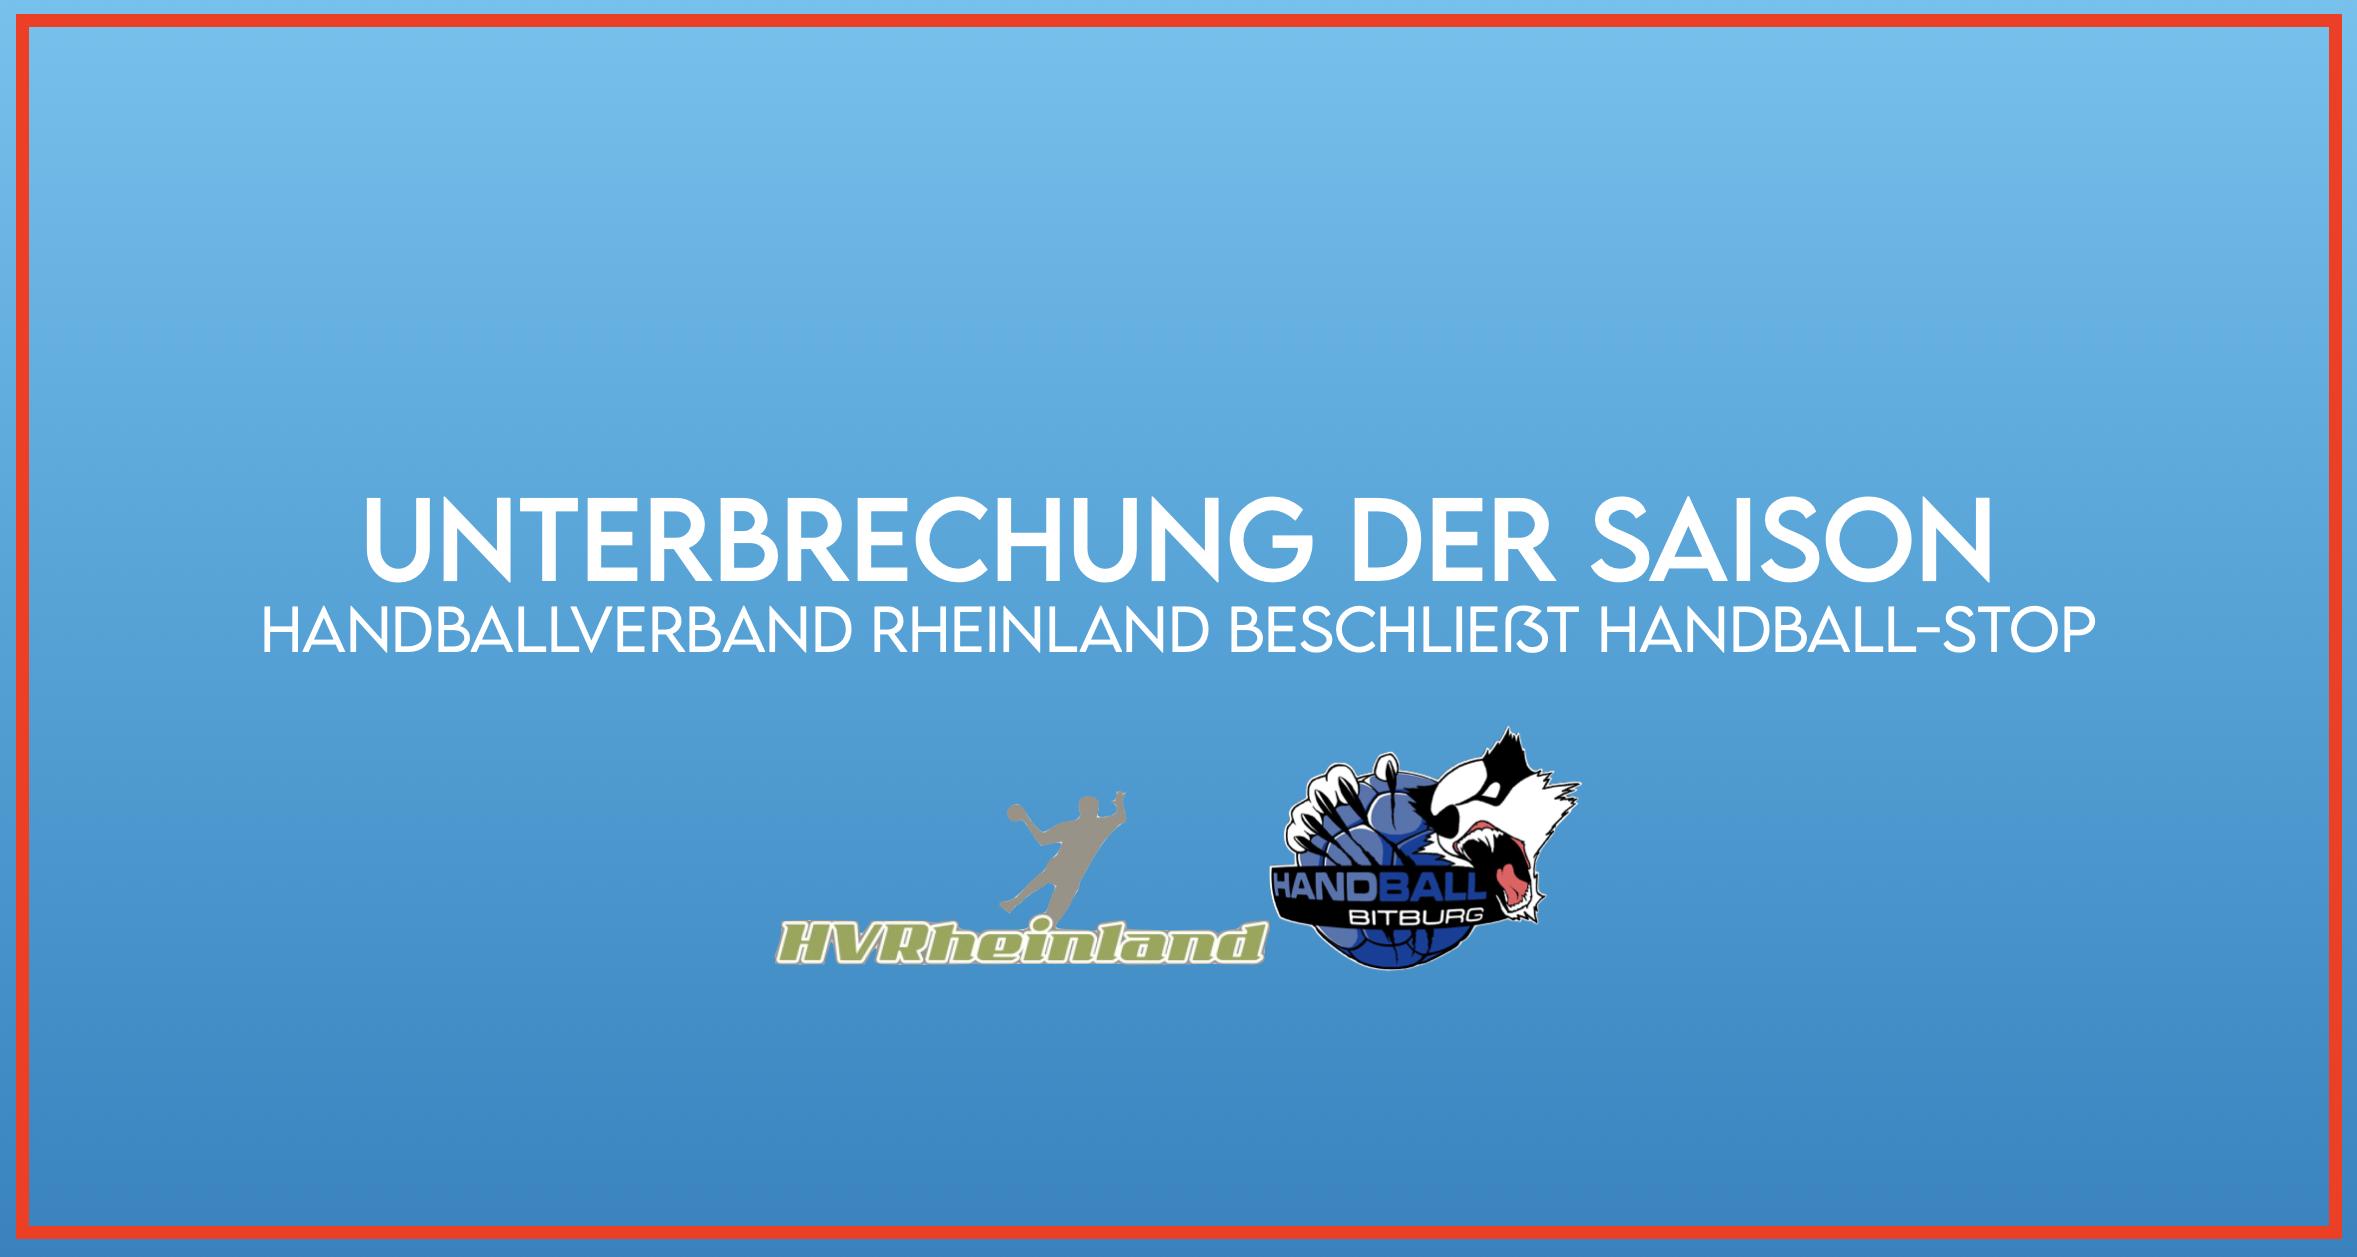 HVR unterbricht die Handball-Saison